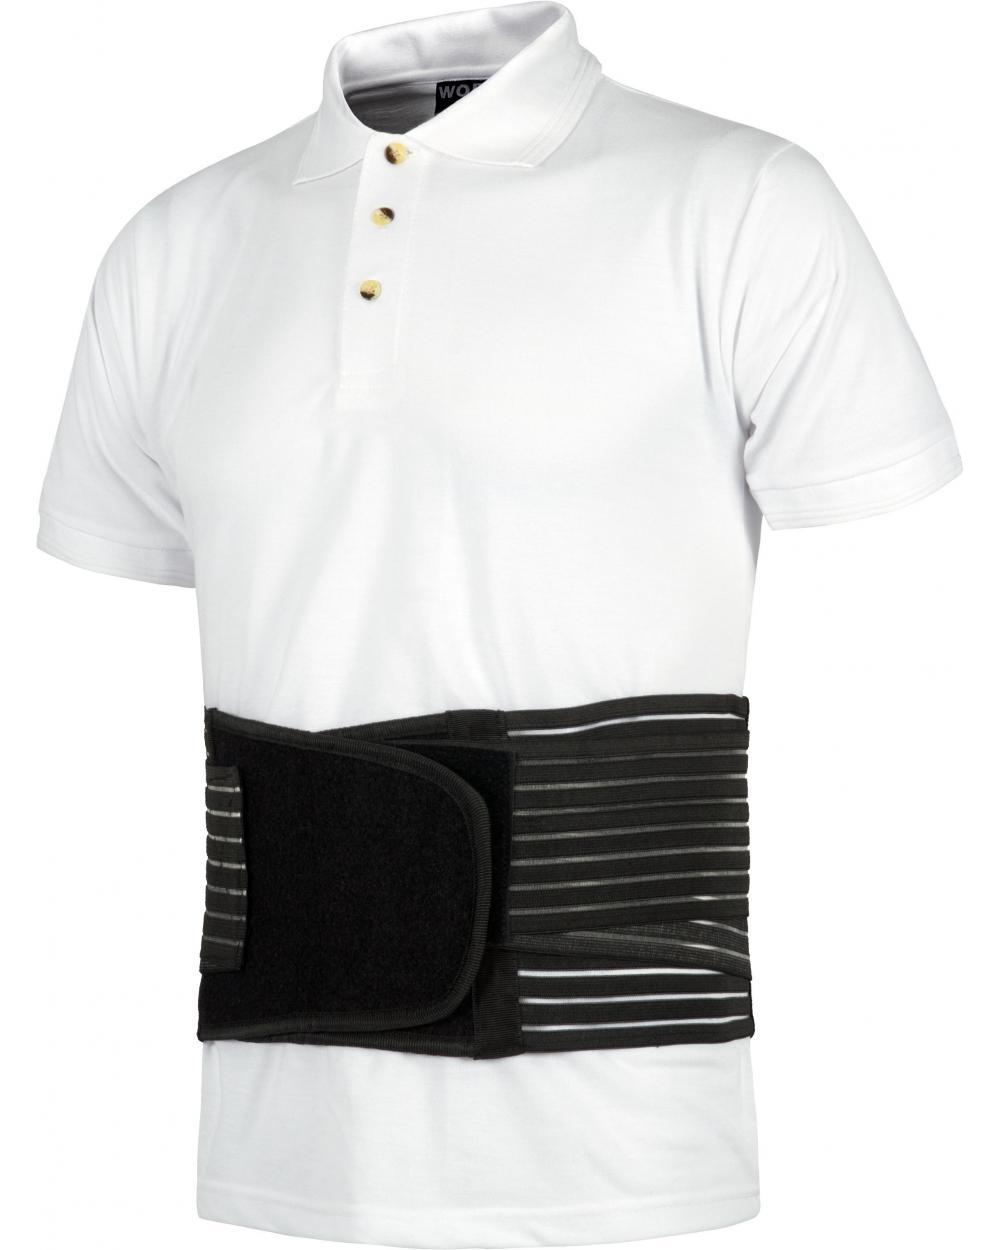 Comprar Faja lumbar elastica WFA301 Negro workteam barato